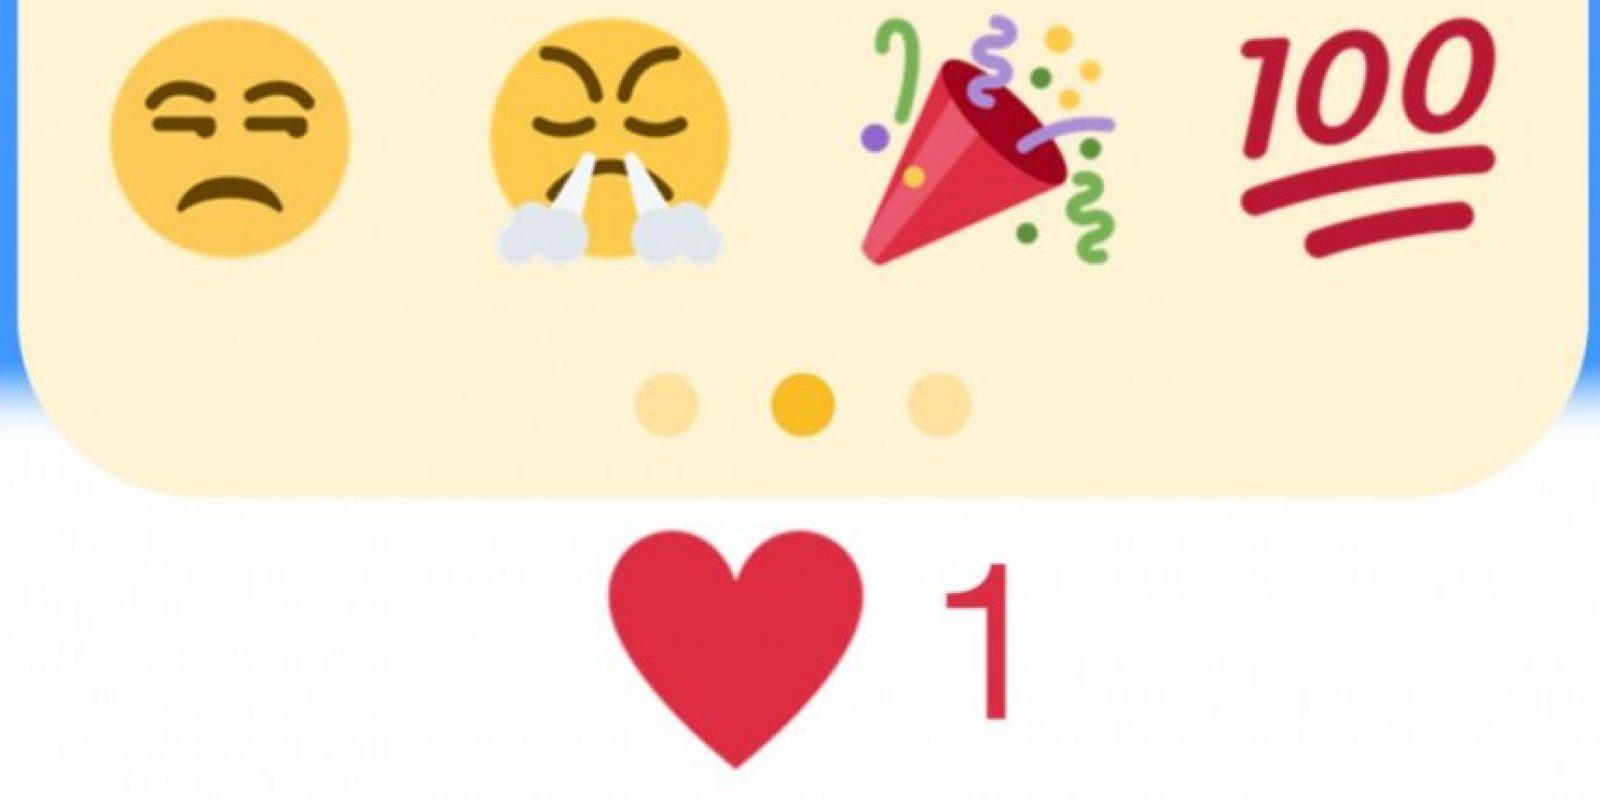 Los emojis con los que experimenta Twitter. Foto:vía Twitter.com